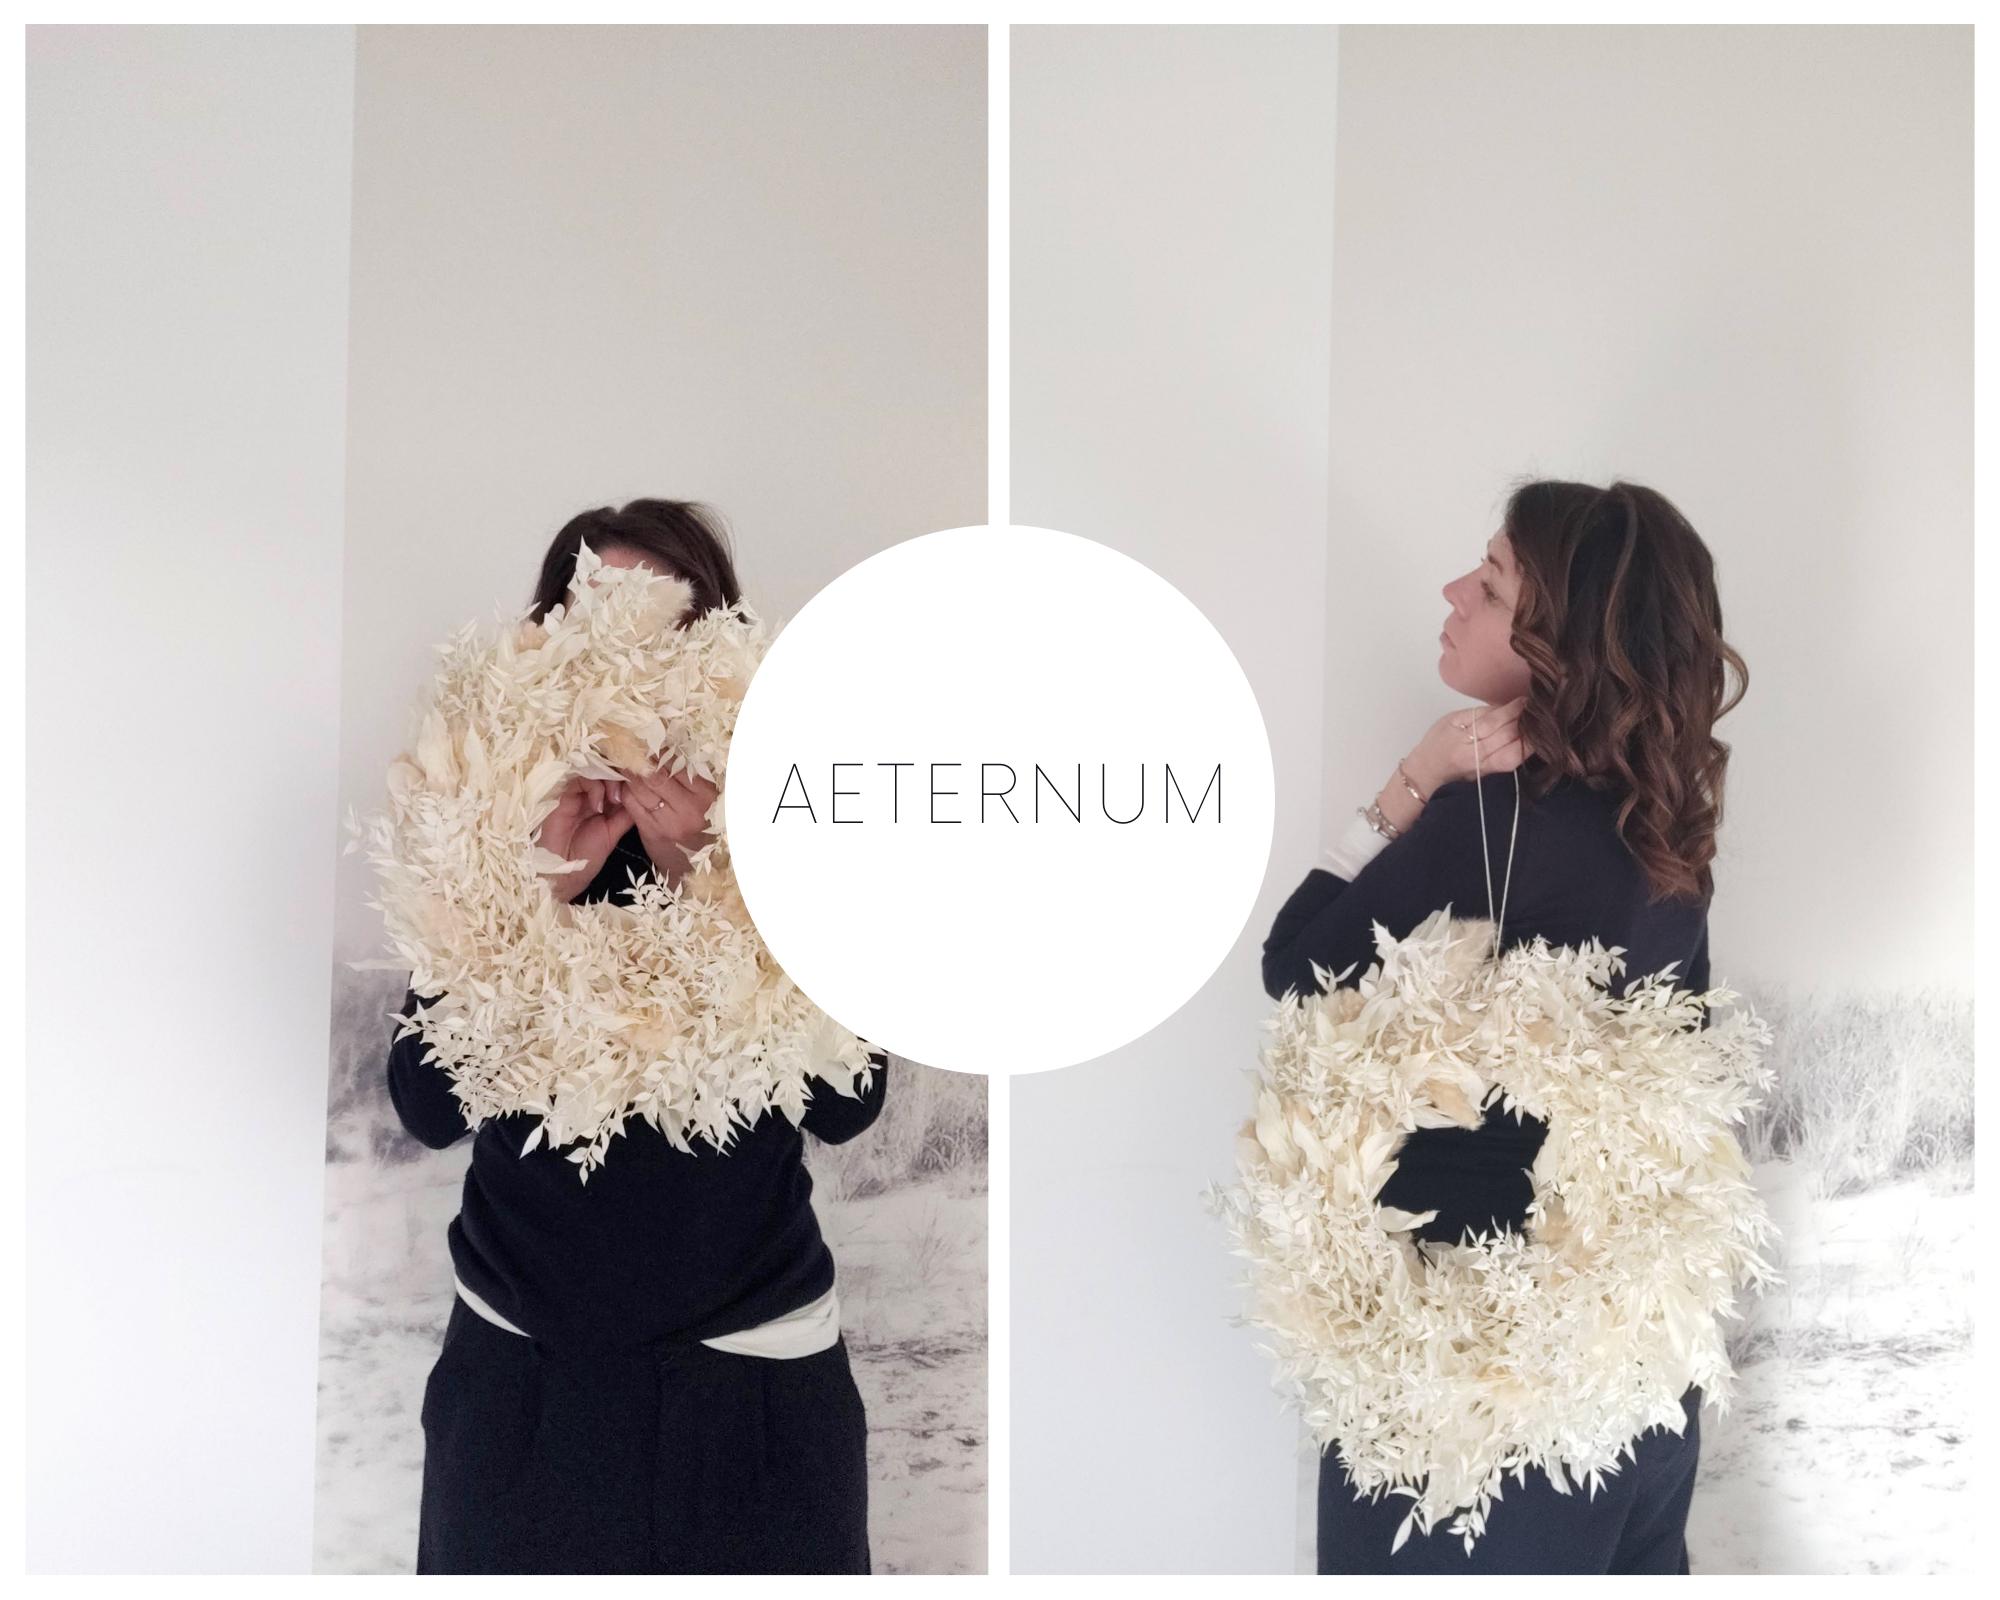 aeternum-laurorafloreale.it